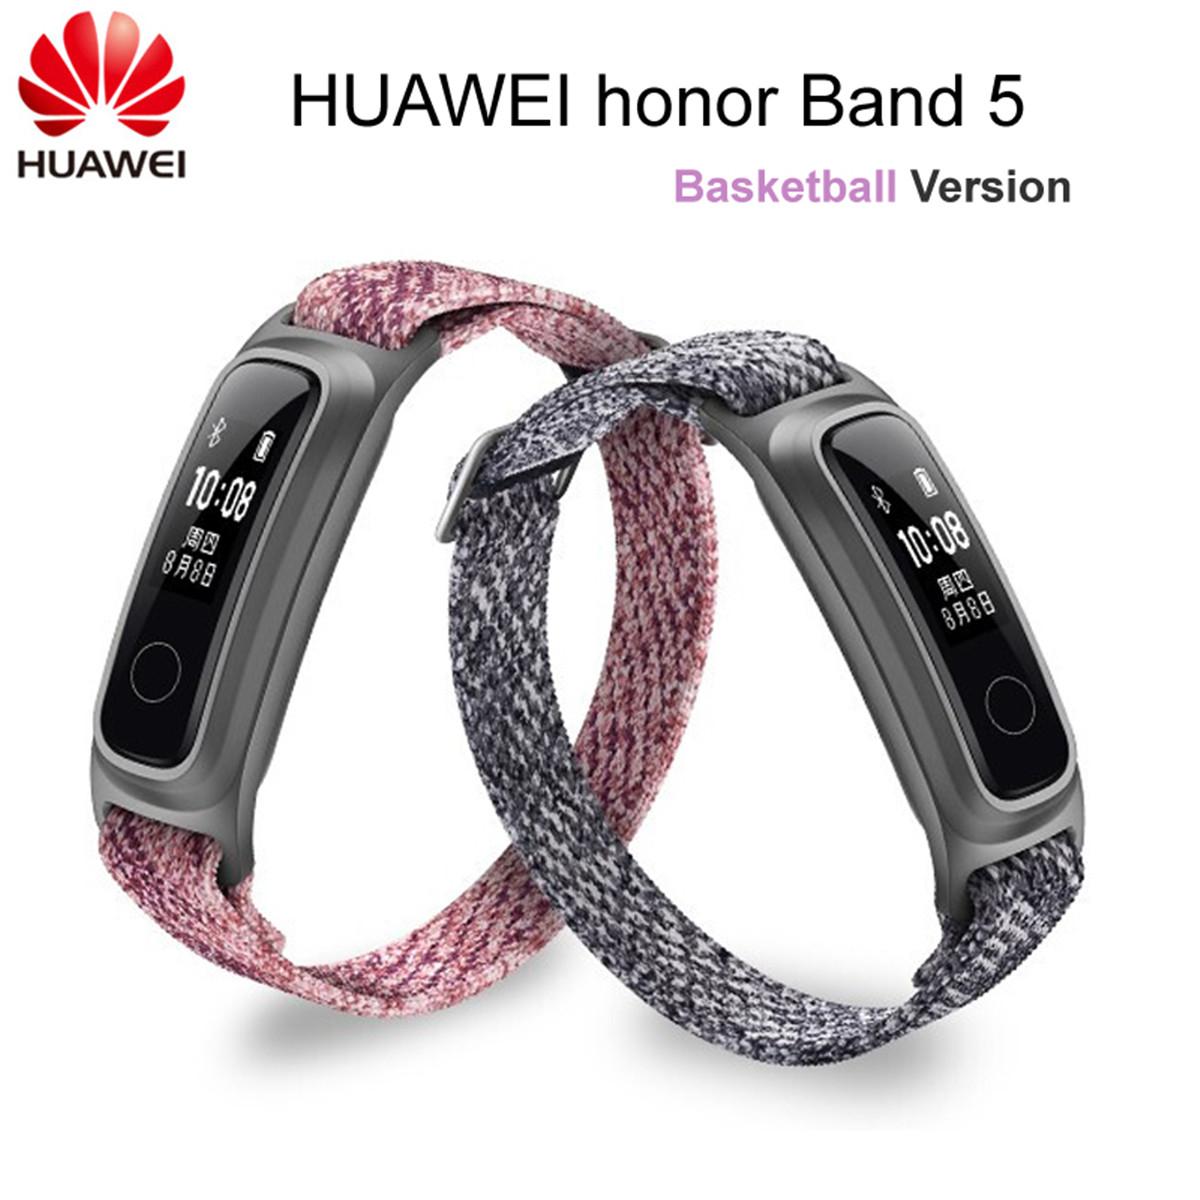 Bracelet Connecté Honor Band 5 - Version Basketball